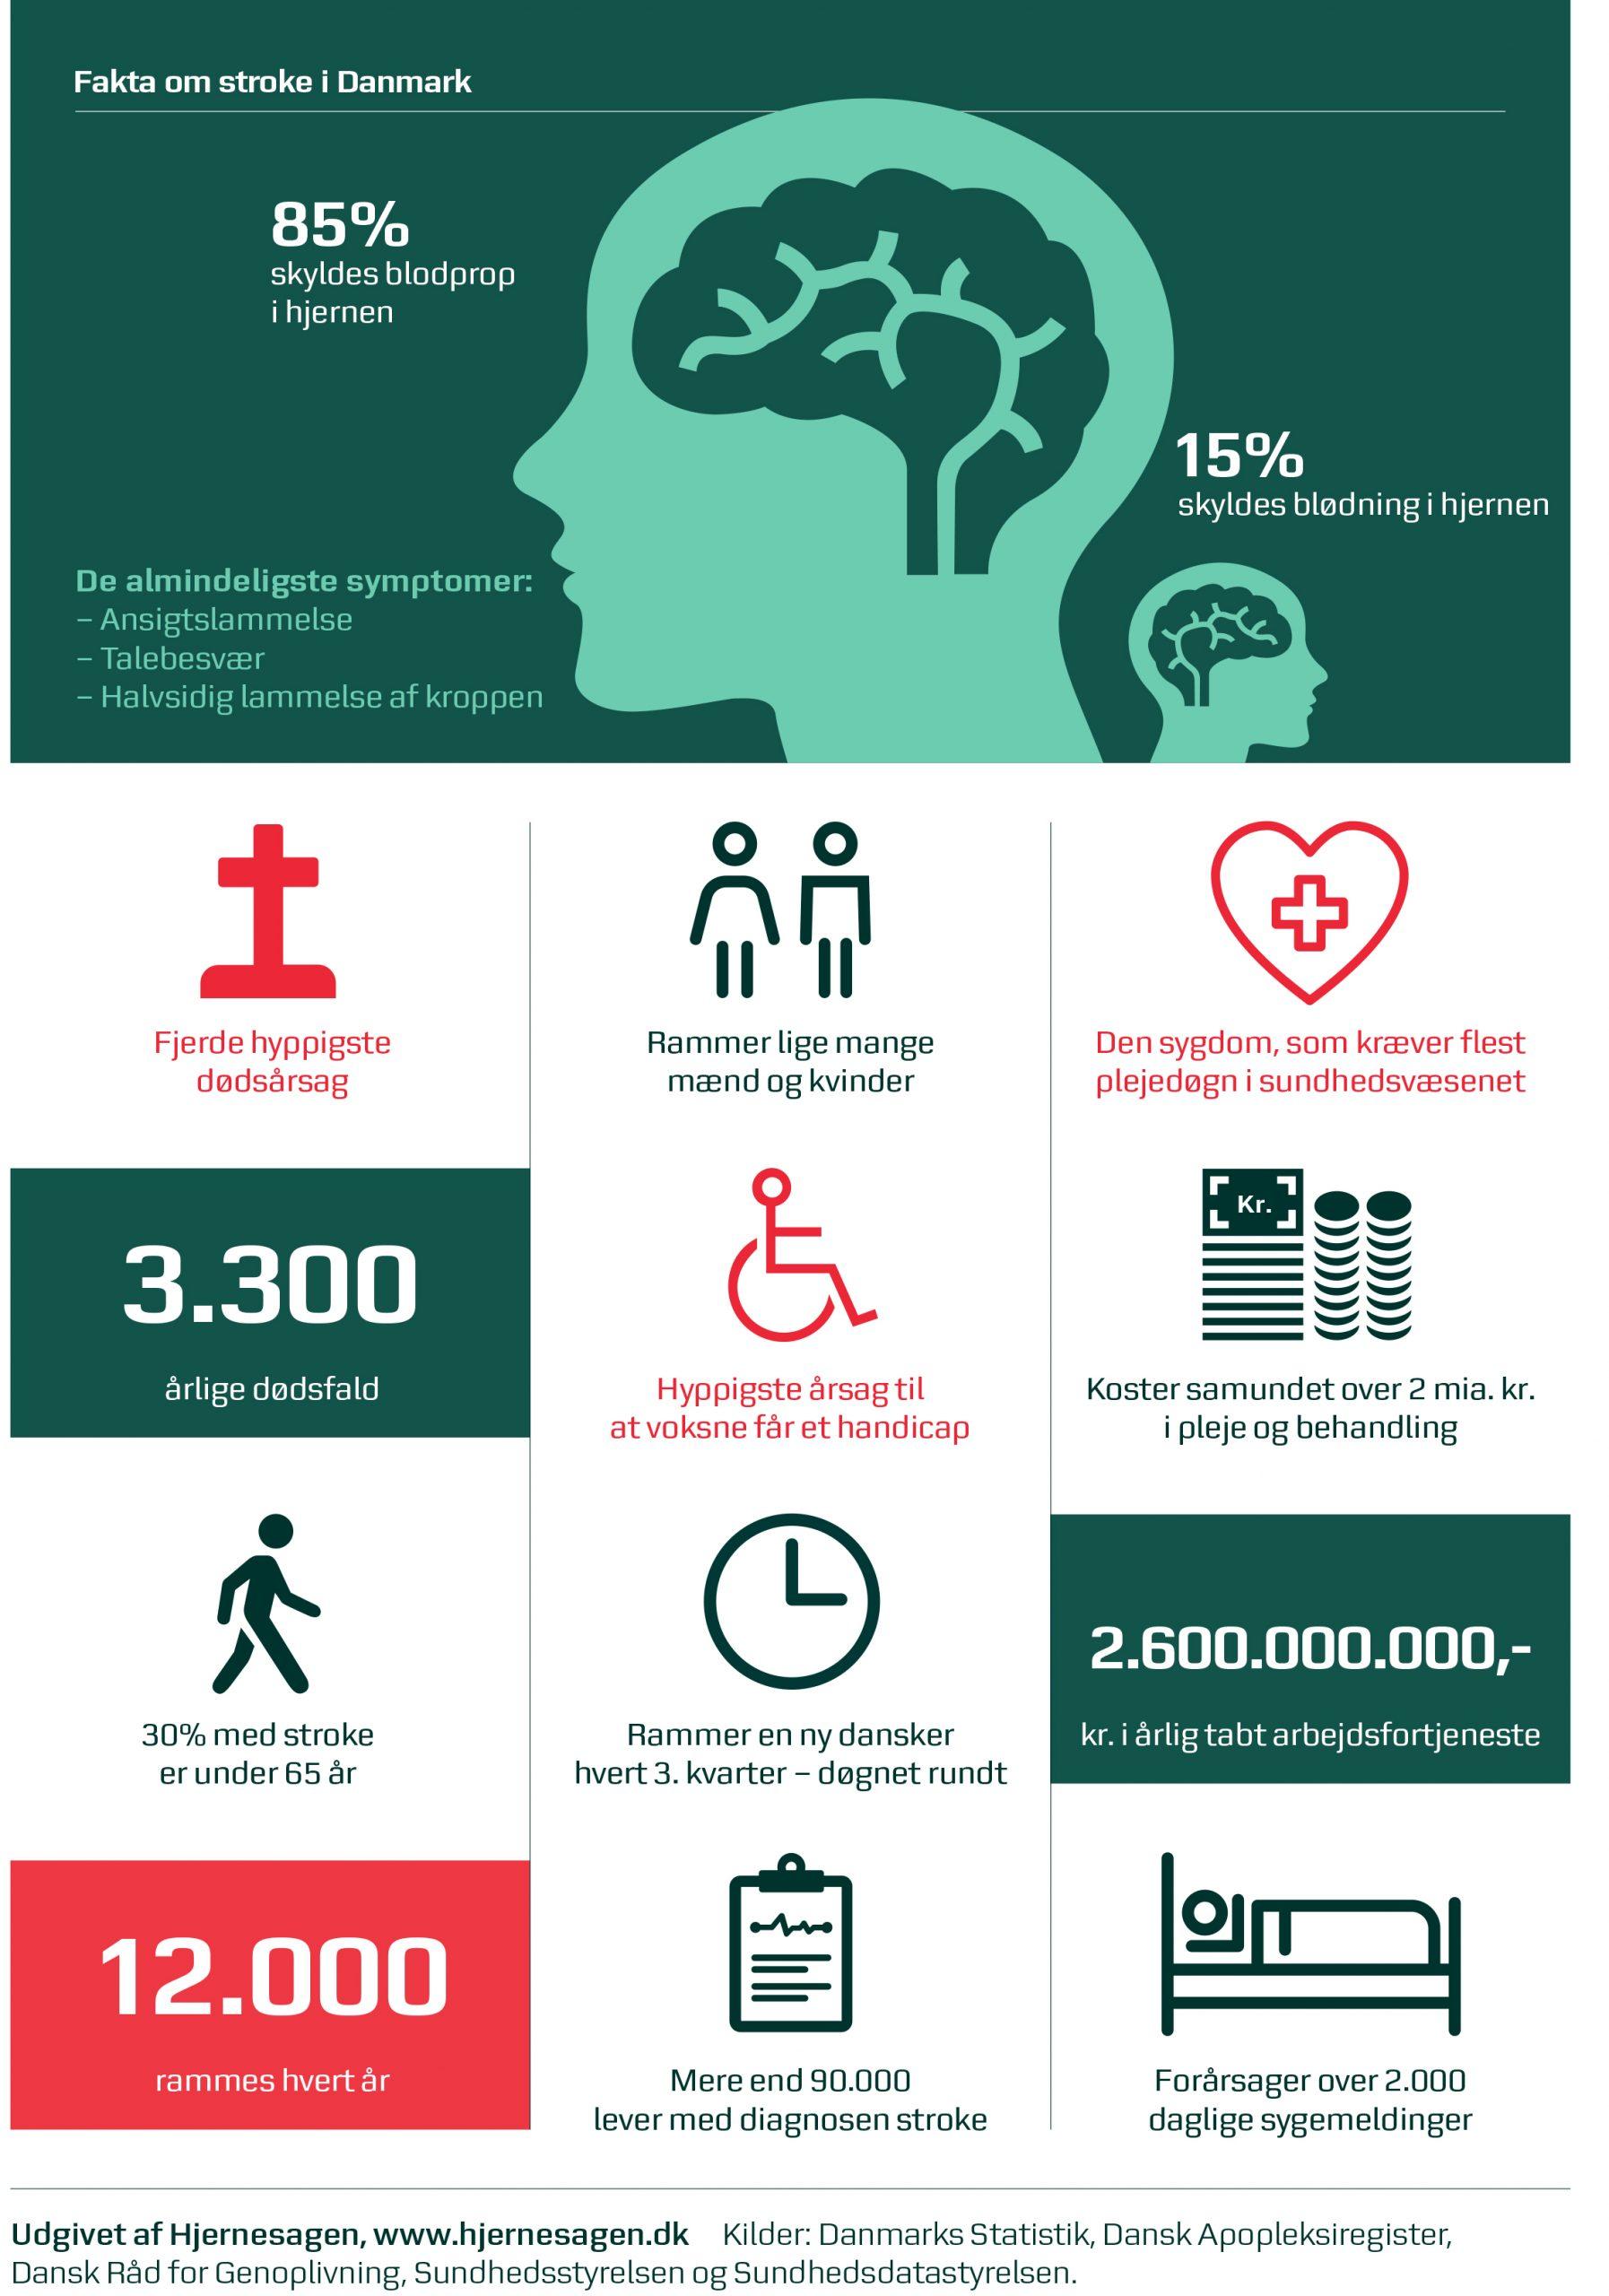 faktaark om stroke. 4. hyppigste dødsårsag. hyppigste årsag til at voksne får et handicap. 12.000 rammes af stroke hvert år.